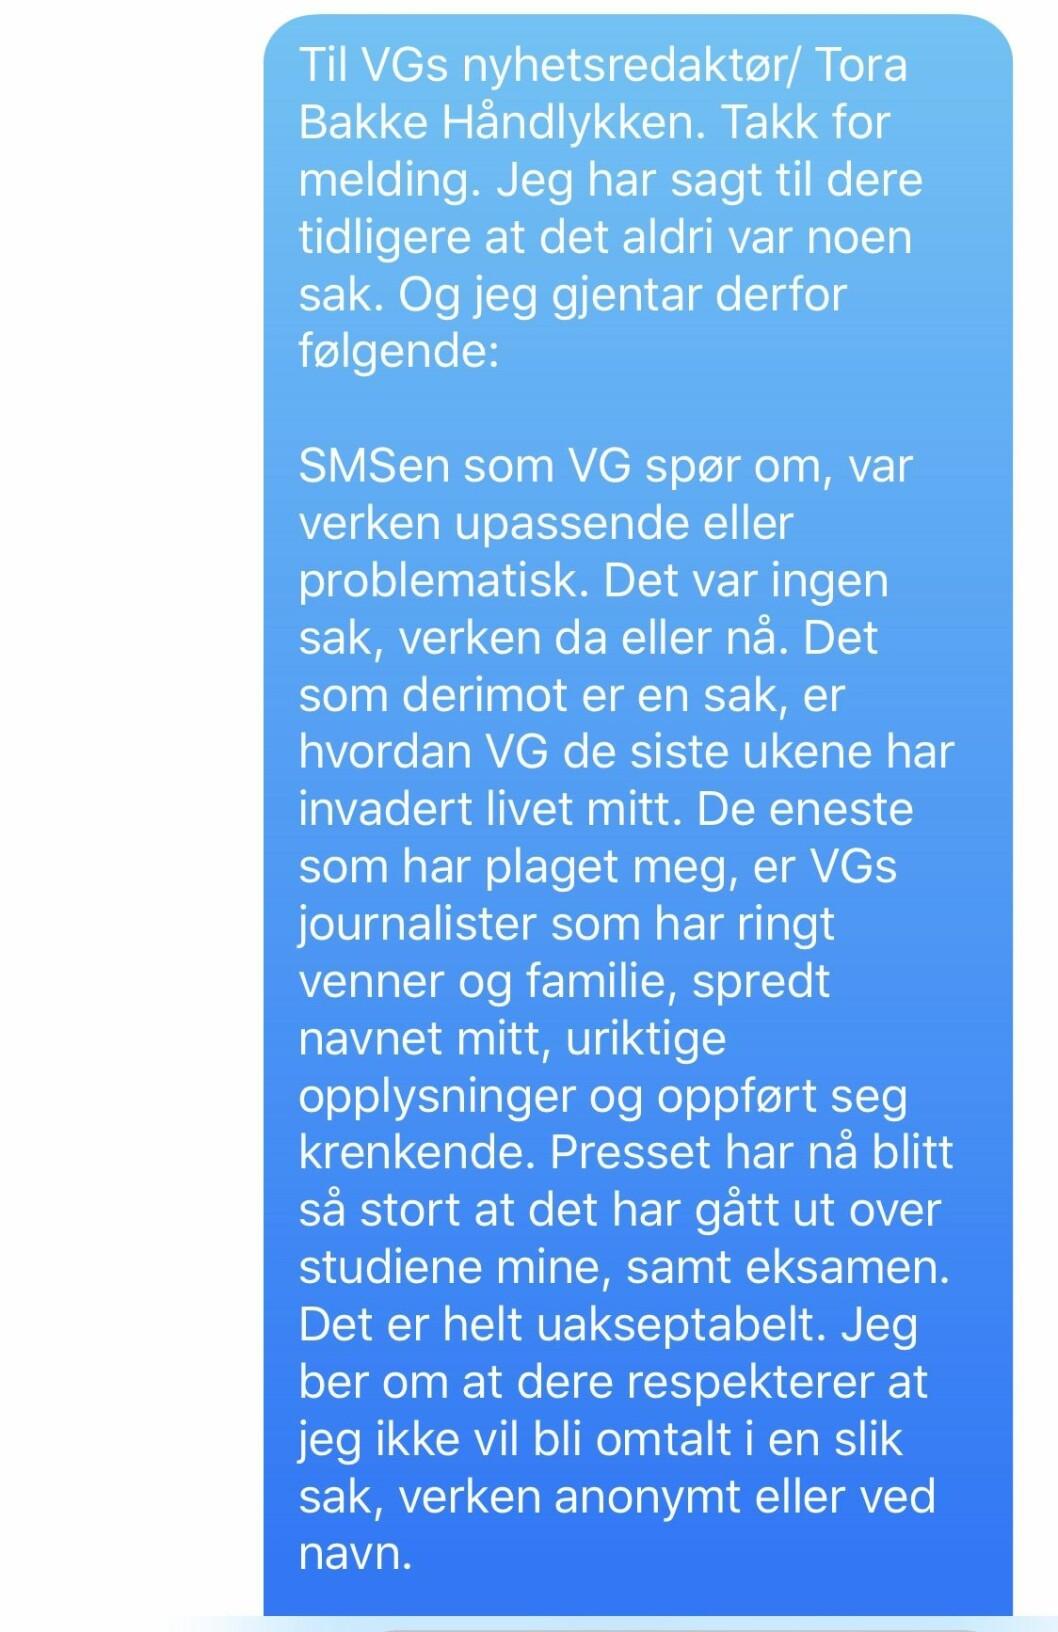 Kvinnens SMS til Tora Bakke Håndlykken.